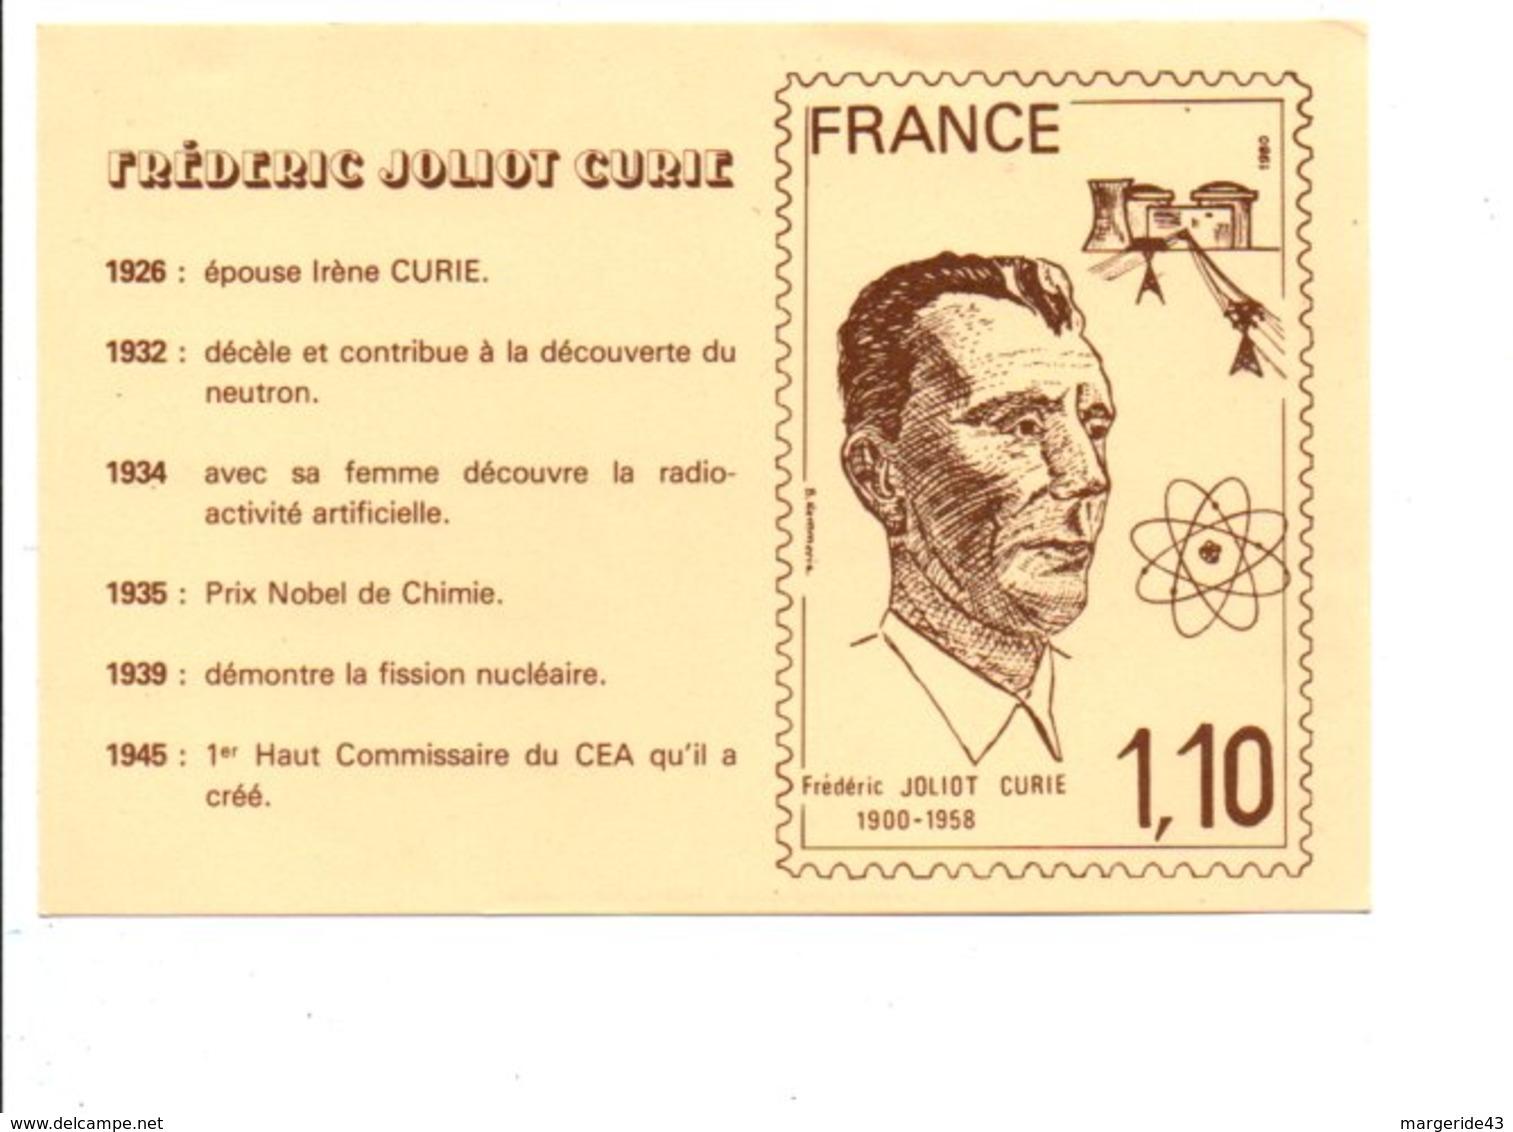 DEMANDE DE TIMBRE EN HONNEUR A FREDERIC JOLIOT CURIE - Postal Services